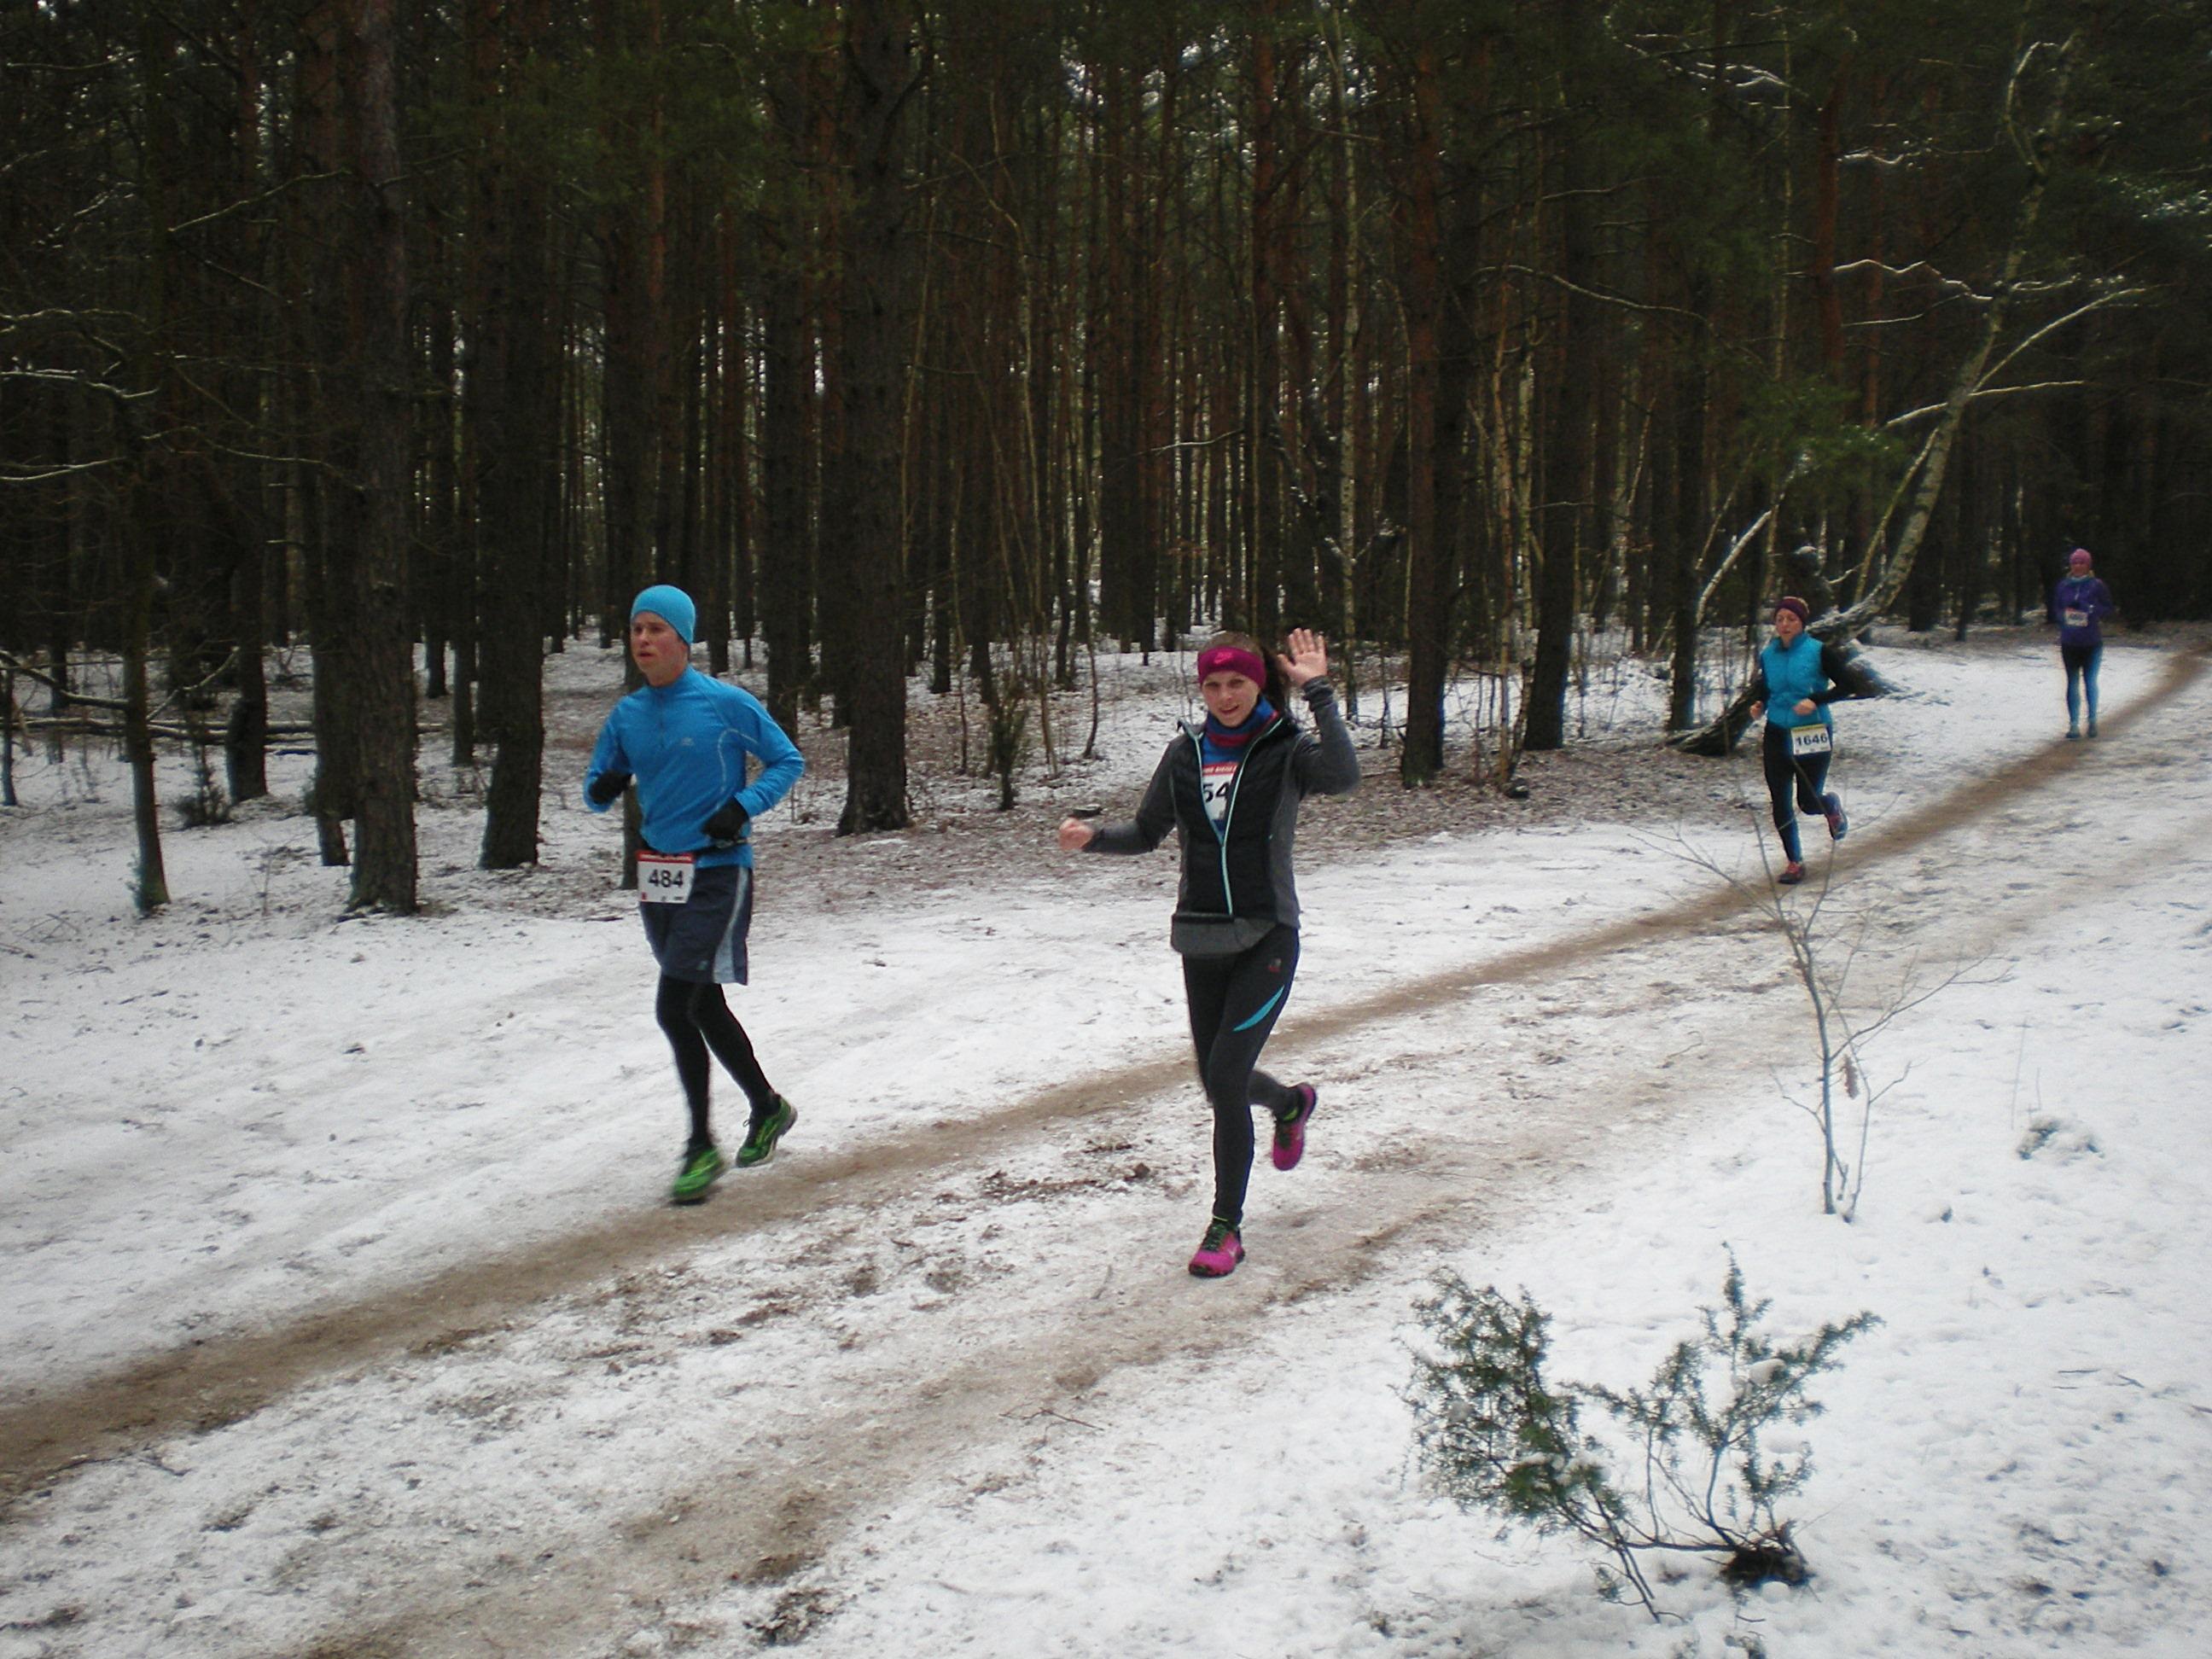 Zimowe Biegi Górskie w Falenicy, runda 4.